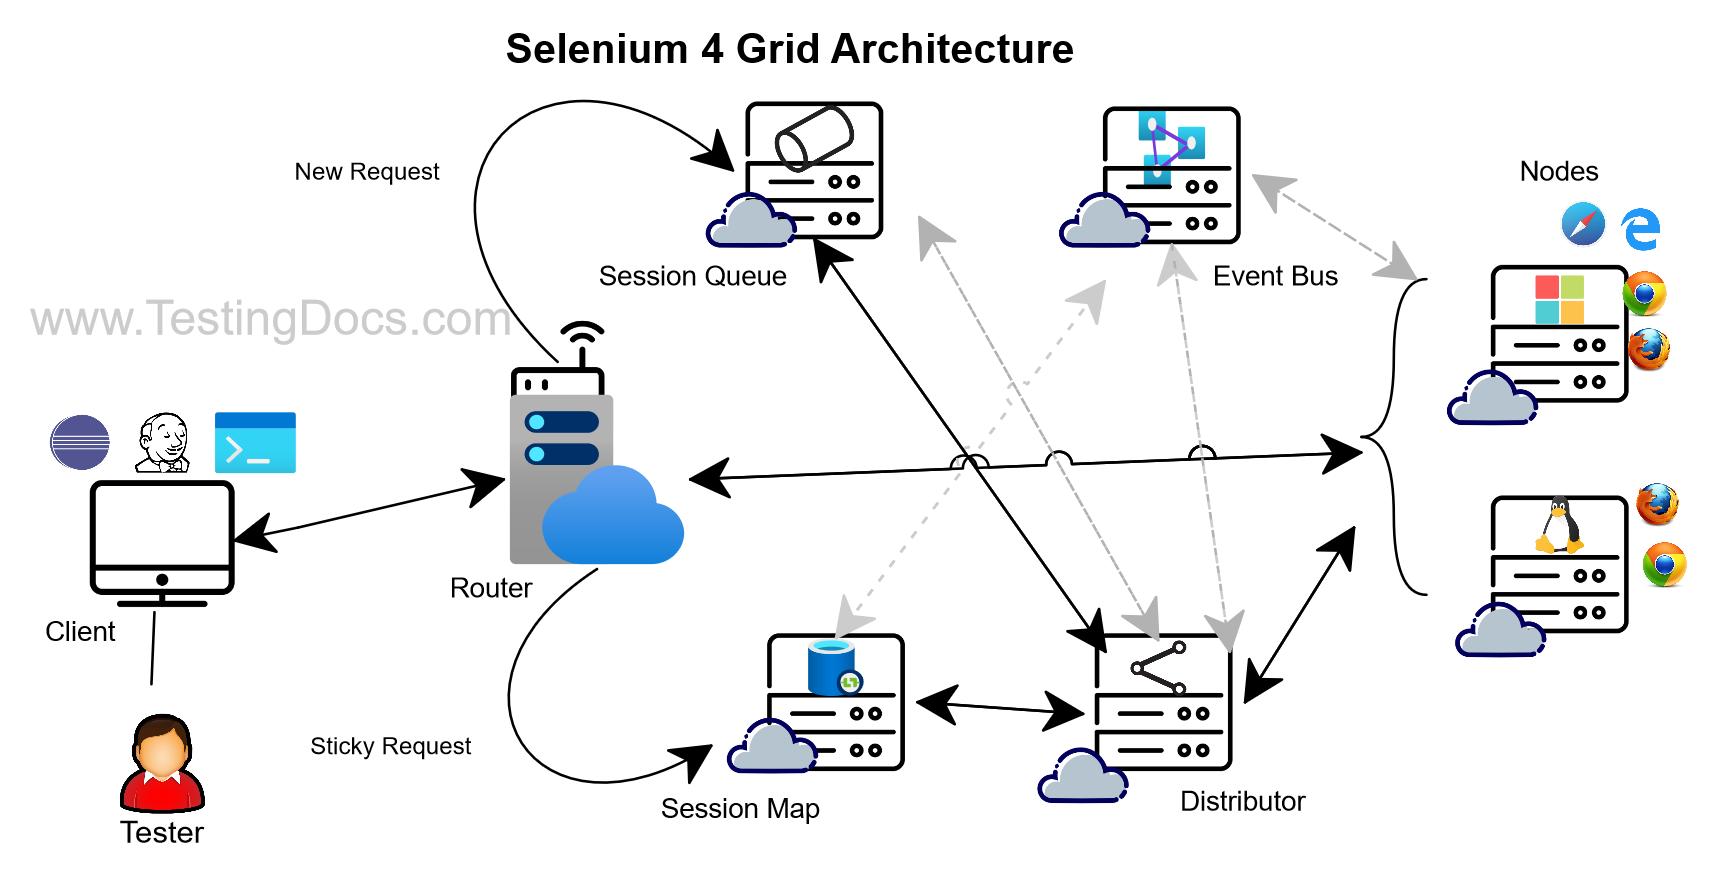 Selenium4_Grid_Architecture